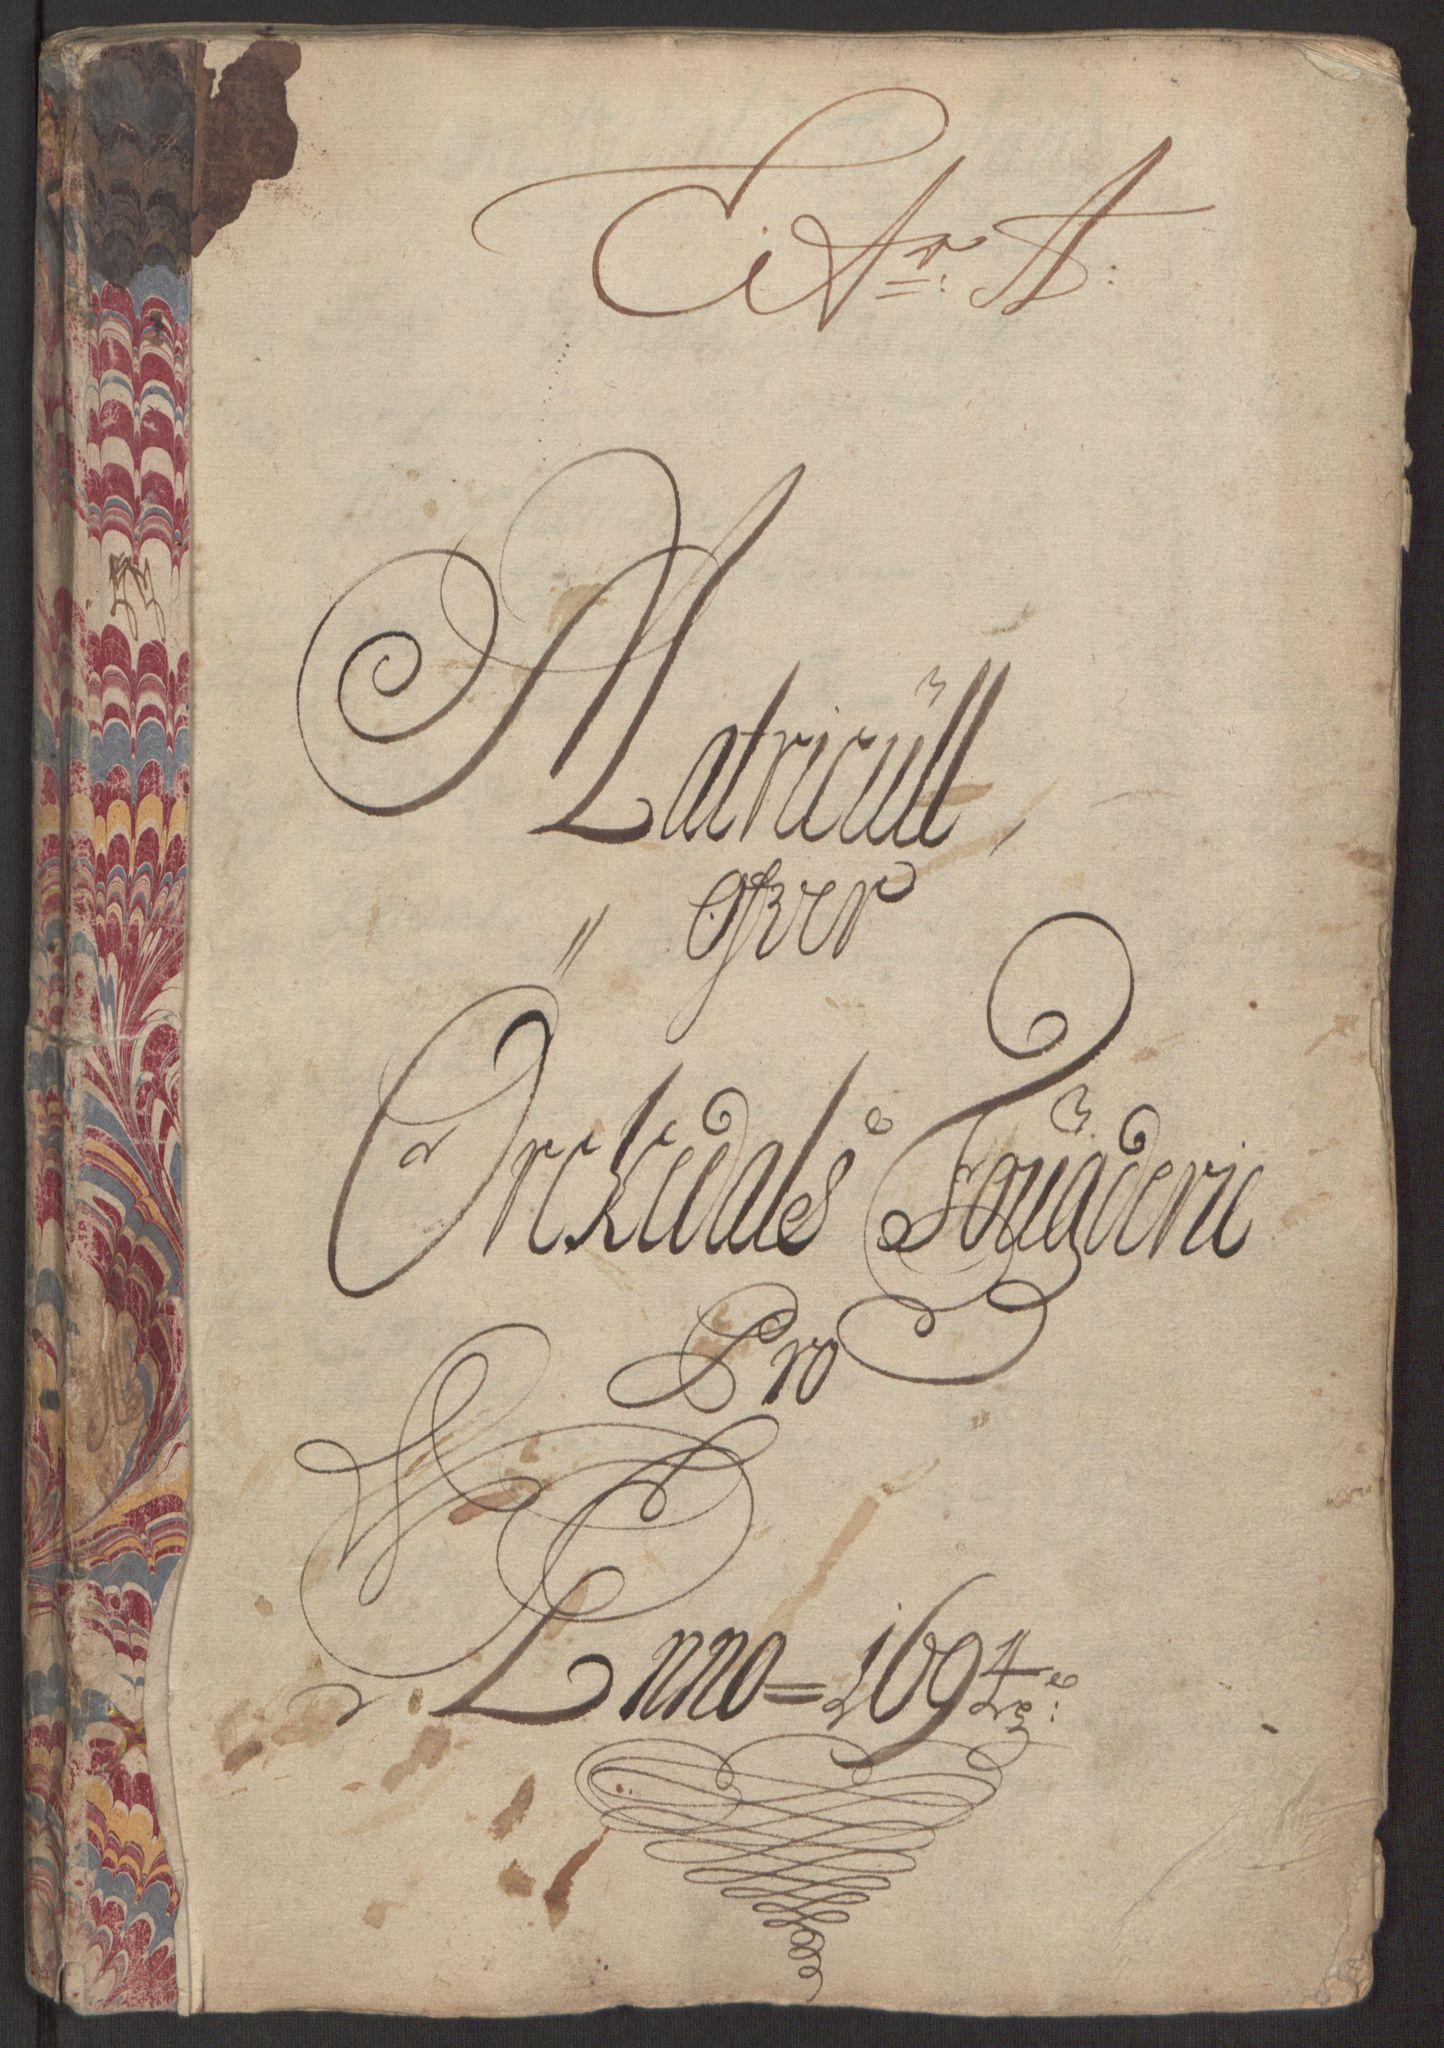 RA, Rentekammeret inntil 1814, Reviderte regnskaper, Fogderegnskap, R60/L3944: Fogderegnskap Orkdal og Gauldal, 1694, s. 6